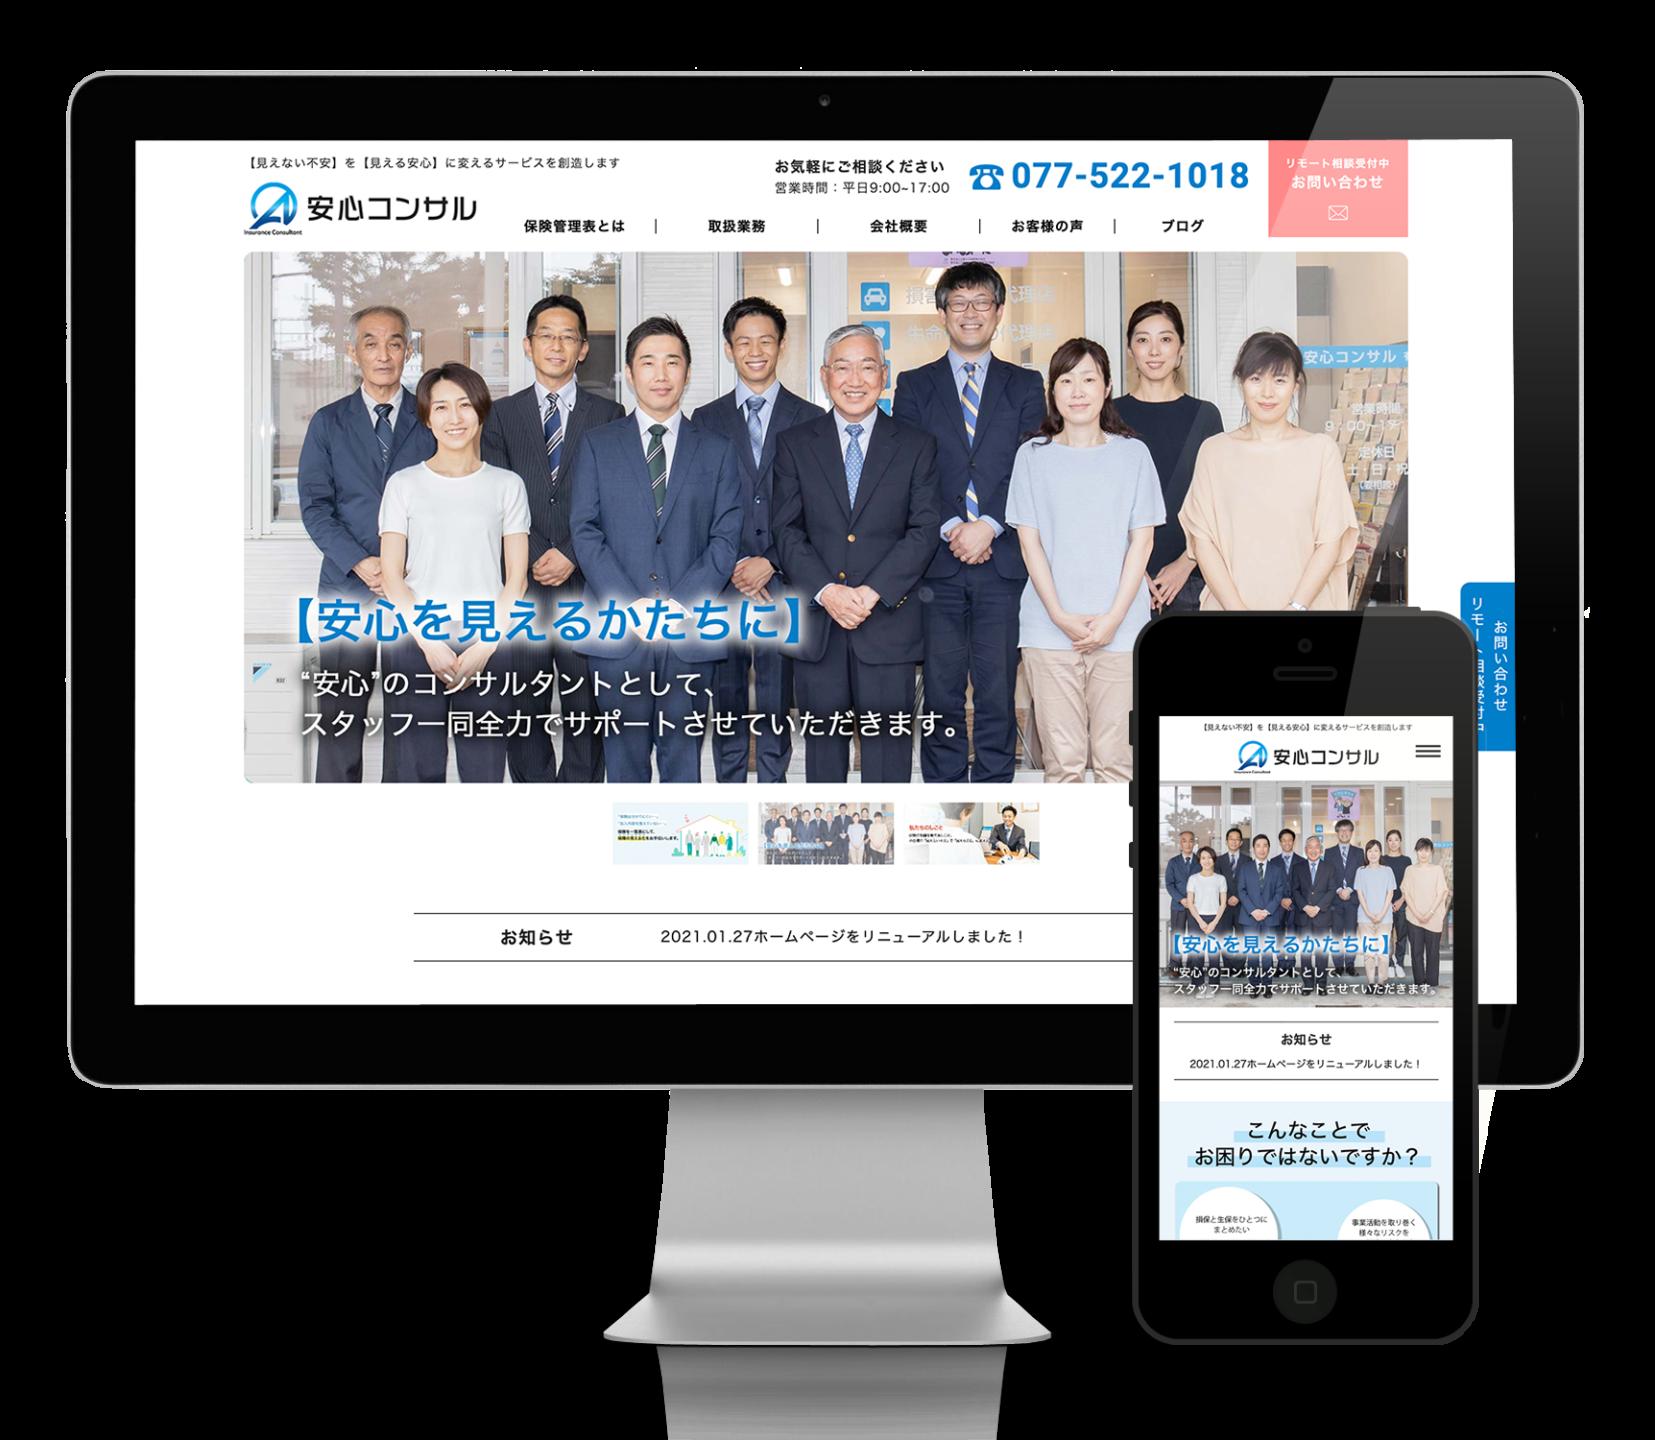 安心コンサル有限会社 滋賀県大津市 損害保険・生命保険 保険管理表